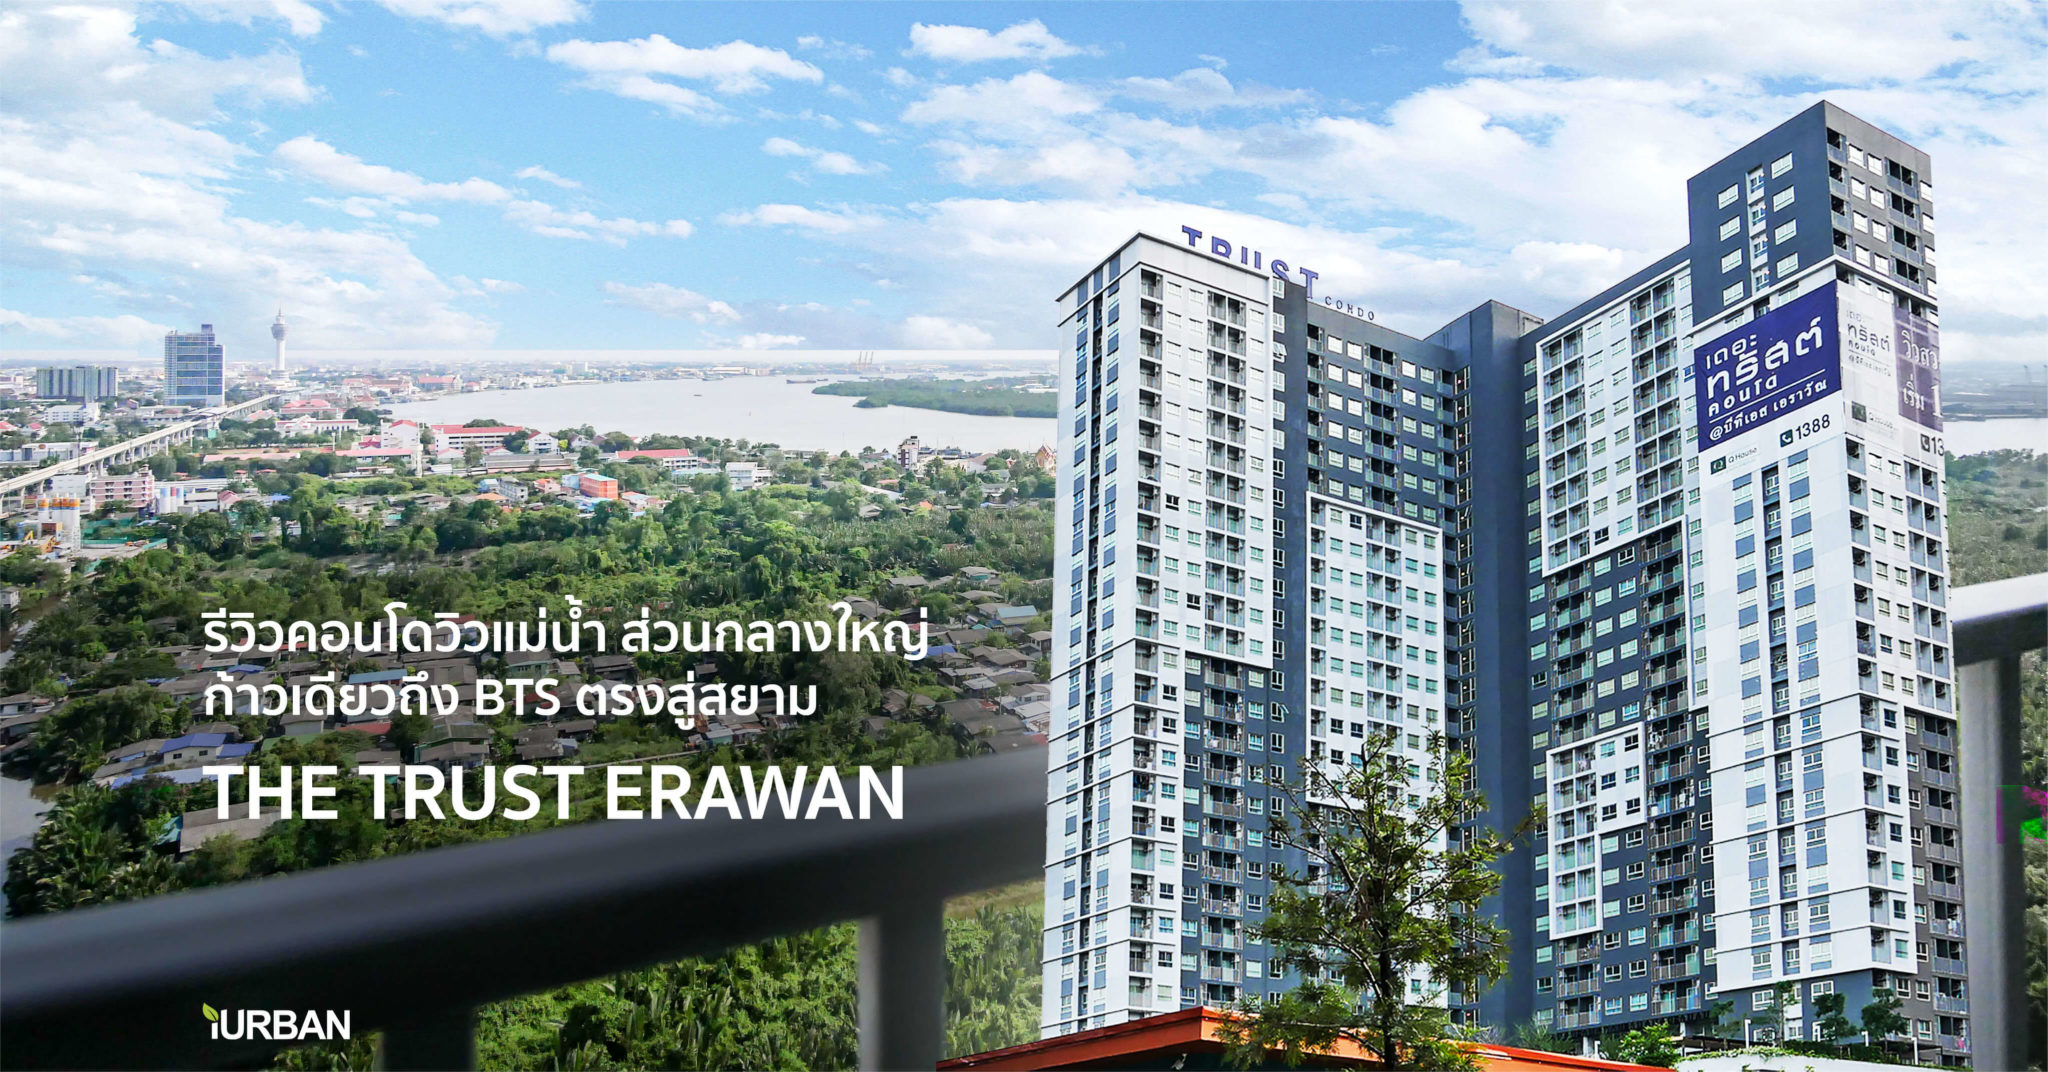 รีวิว The Trust @Erawan คอนโดวิวแม่น้ำ / 1 ก้าวถึง BTS / 700 เมตรทางด่วน / ส่วนกลางใหญ่ 13 - Premium